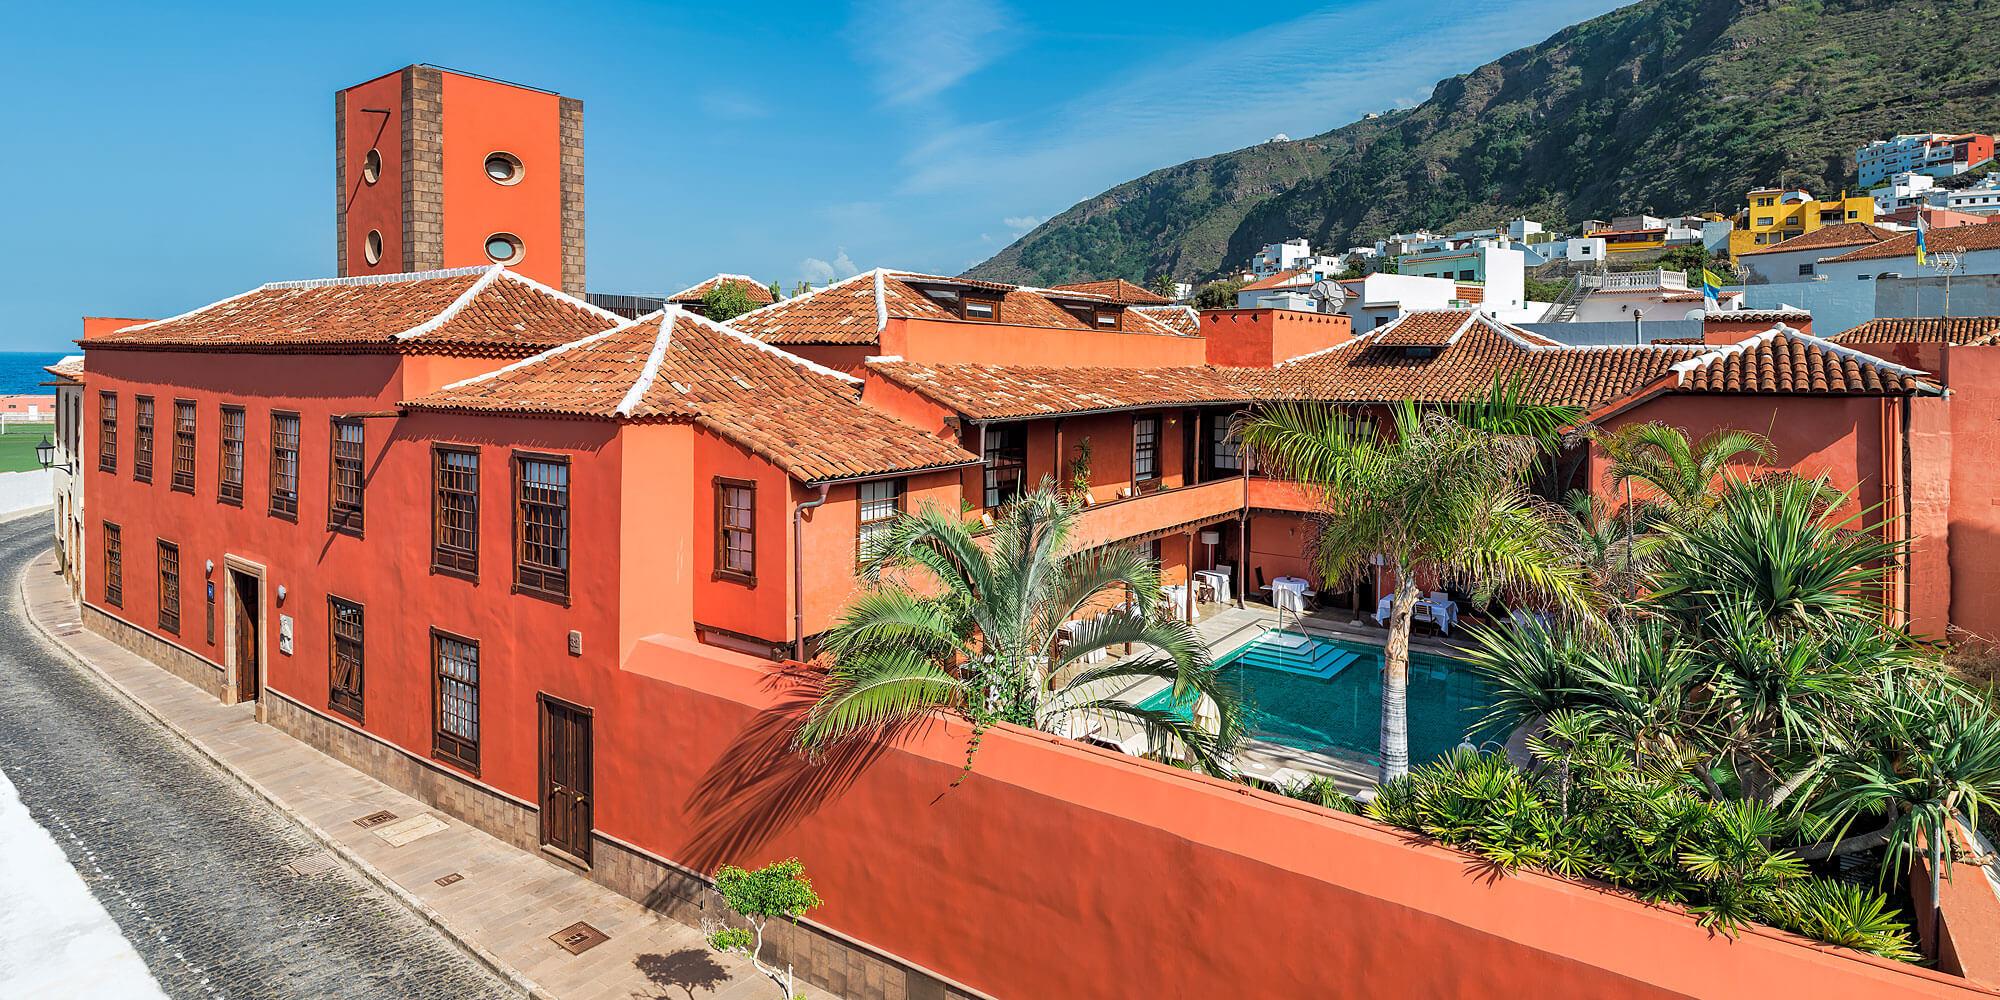 hotel san roque garachico tenerife canary islands hotel reviews